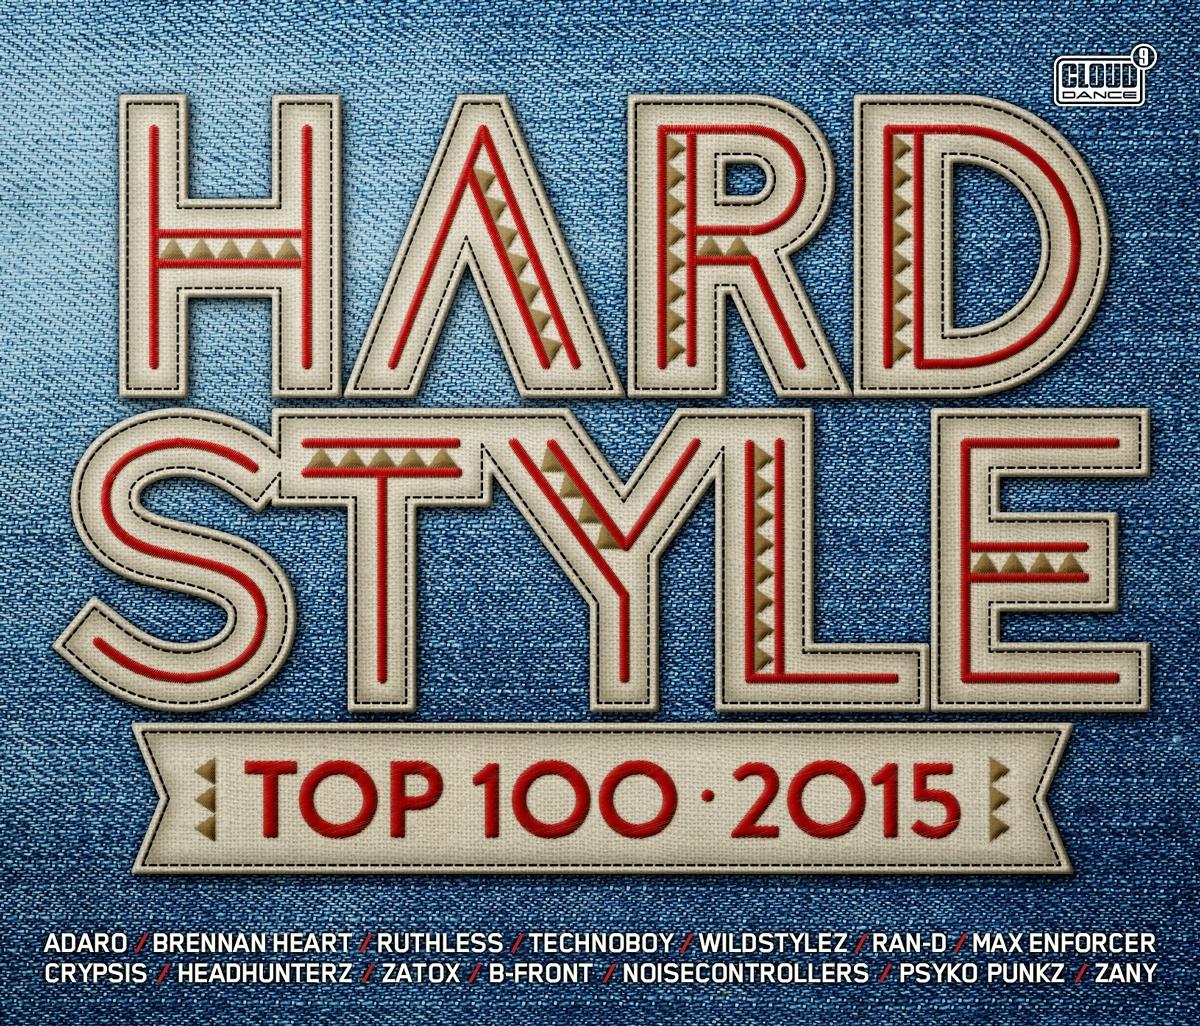 Hardstyle top 100 2015 cldm2015010 cd rigeshop for Hardstyle house